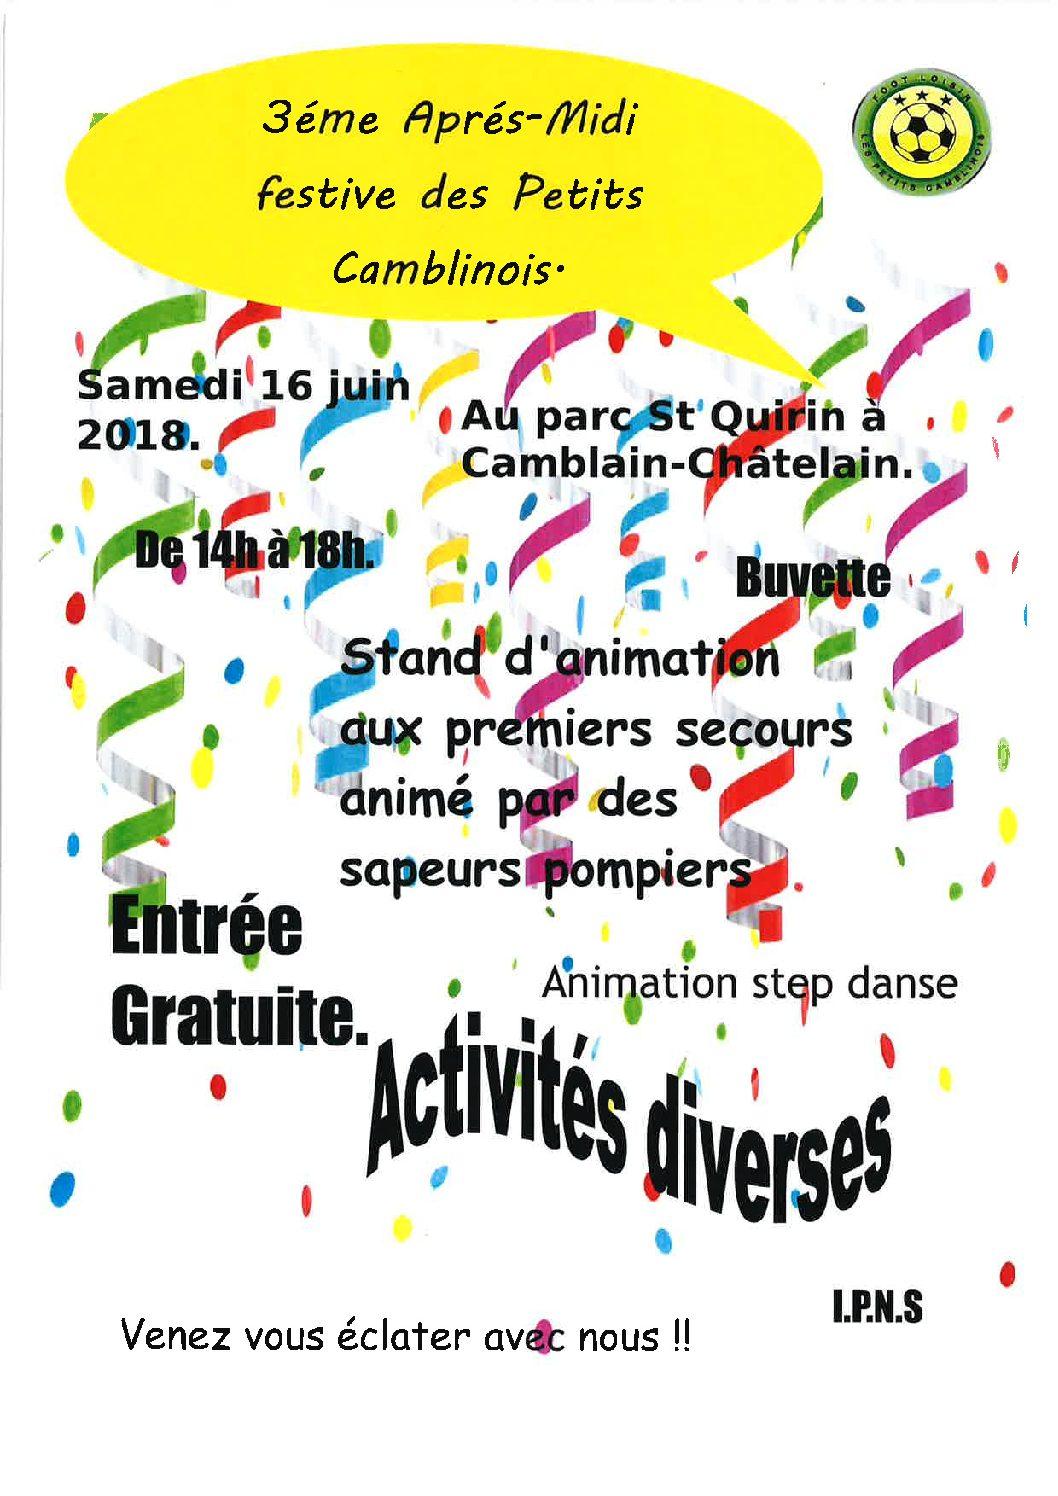 3ème Après-Midi Festive des Petits Camblinois – 16 Juin 2018 de 14 h à 18 h